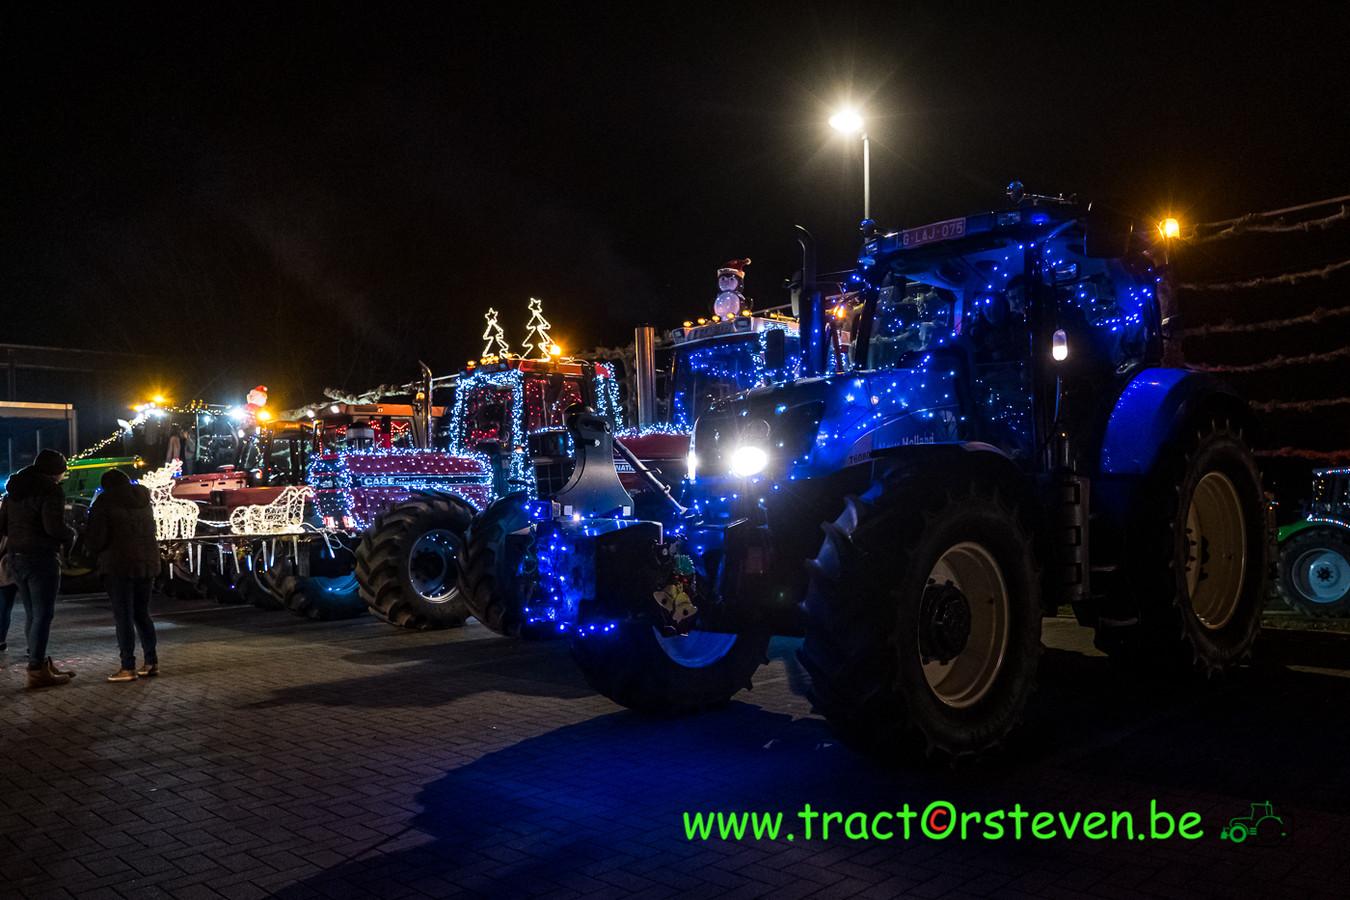 Tractorsteven/Steven Cuyx